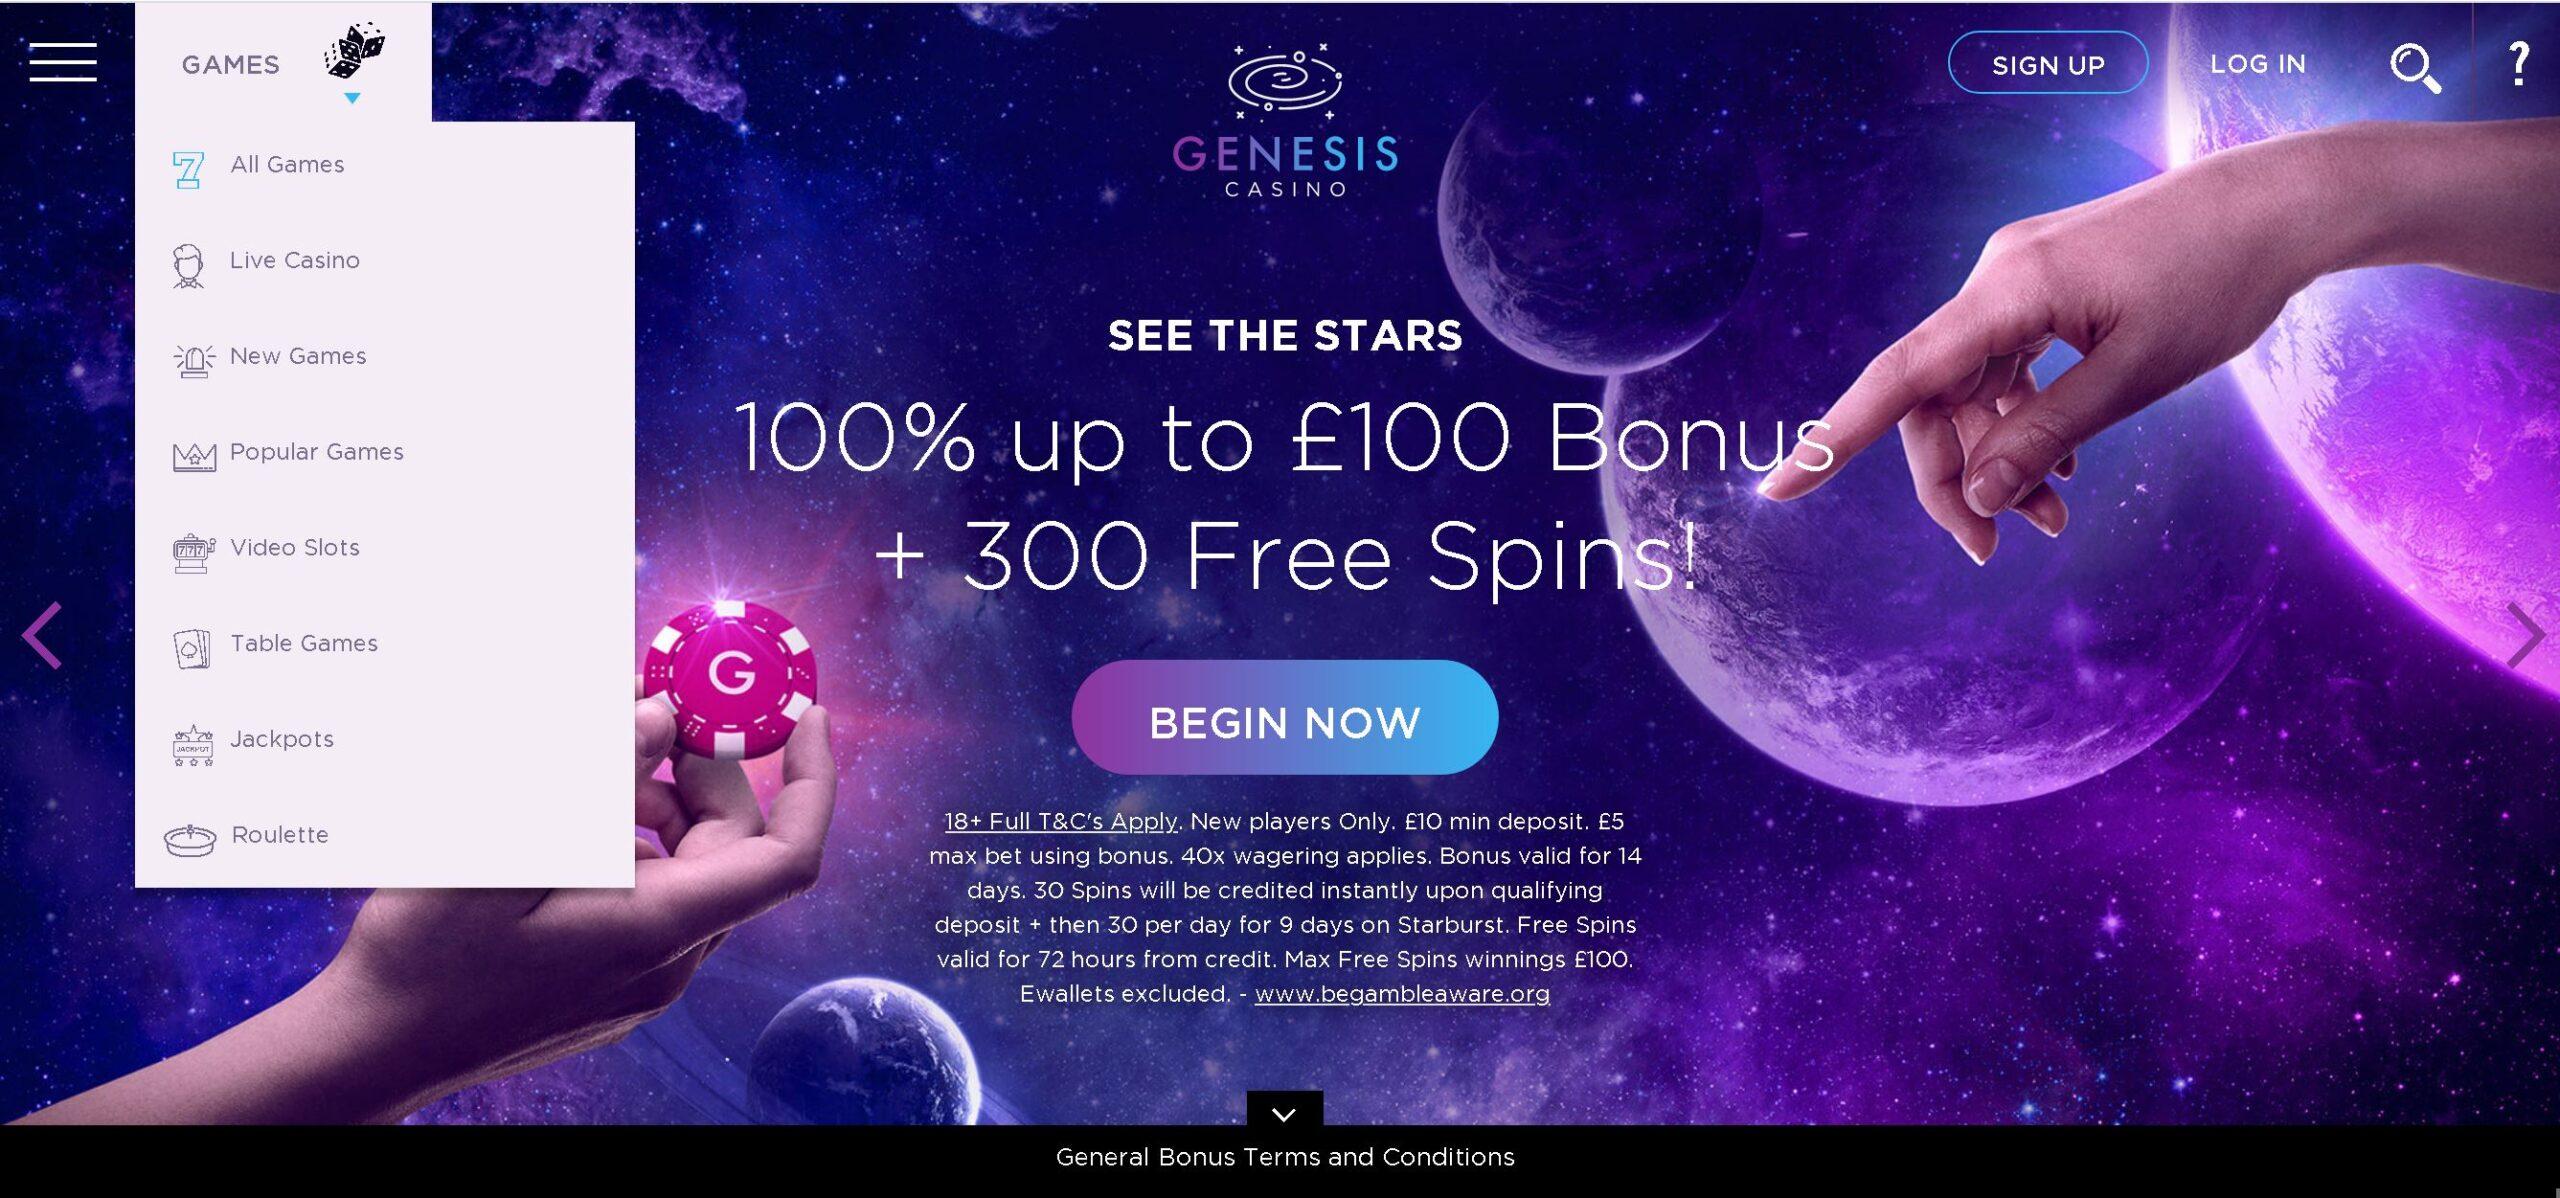 Genesis Casino bonus offer